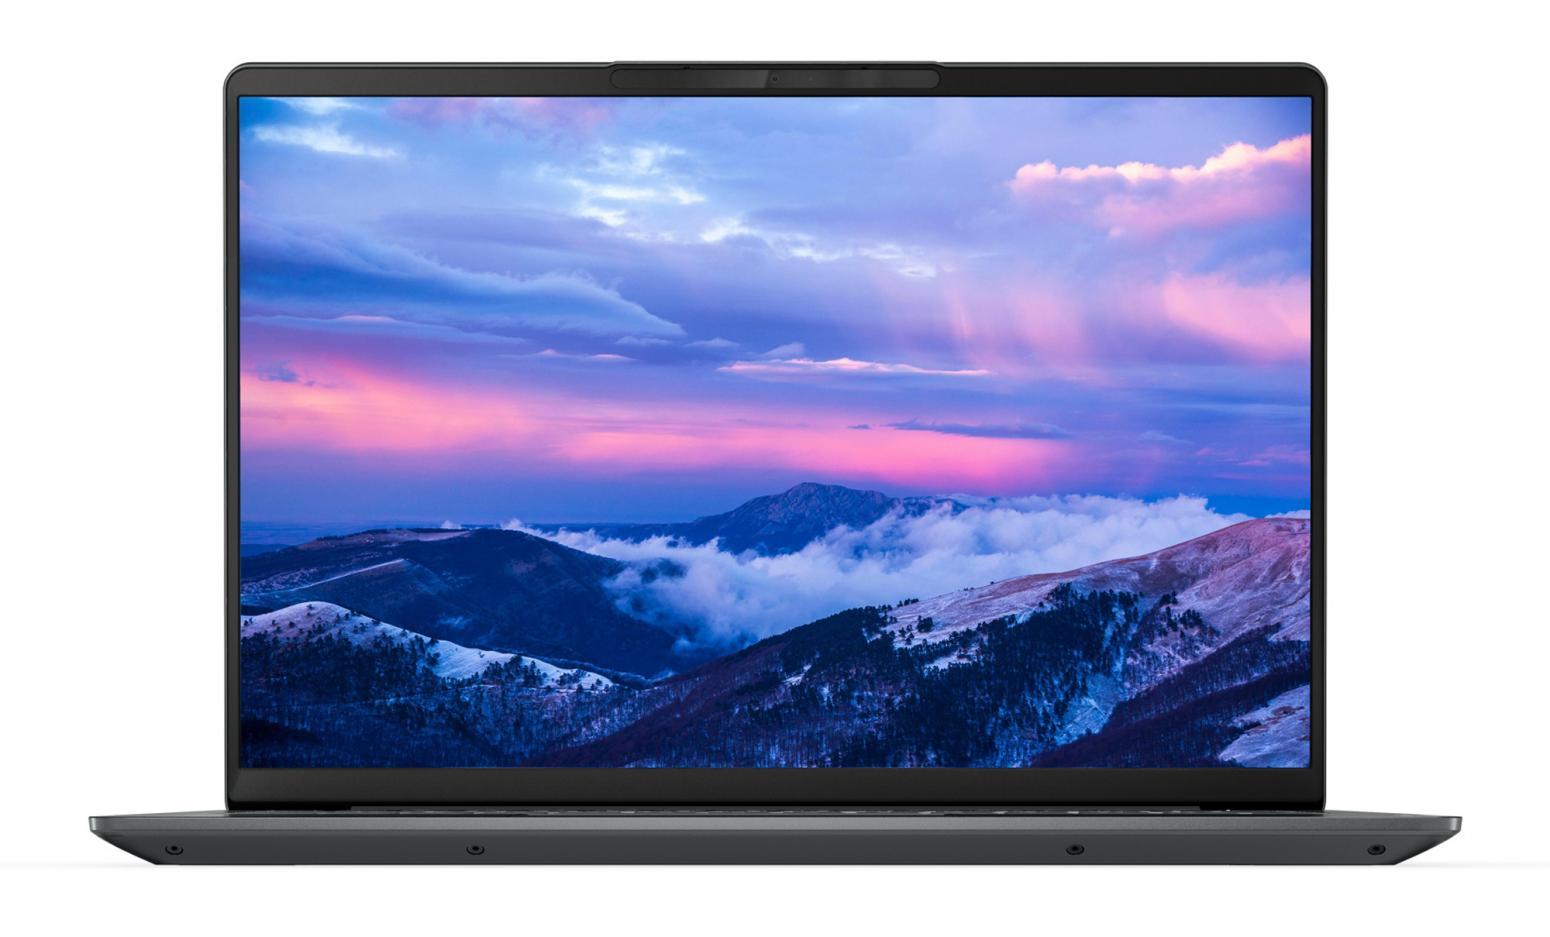 Ordinateur portable Lenovo IdeaPad 5 Pro 14ITL6 (82L3001WFR) Argent - 2.8K 90Hz - photo 4